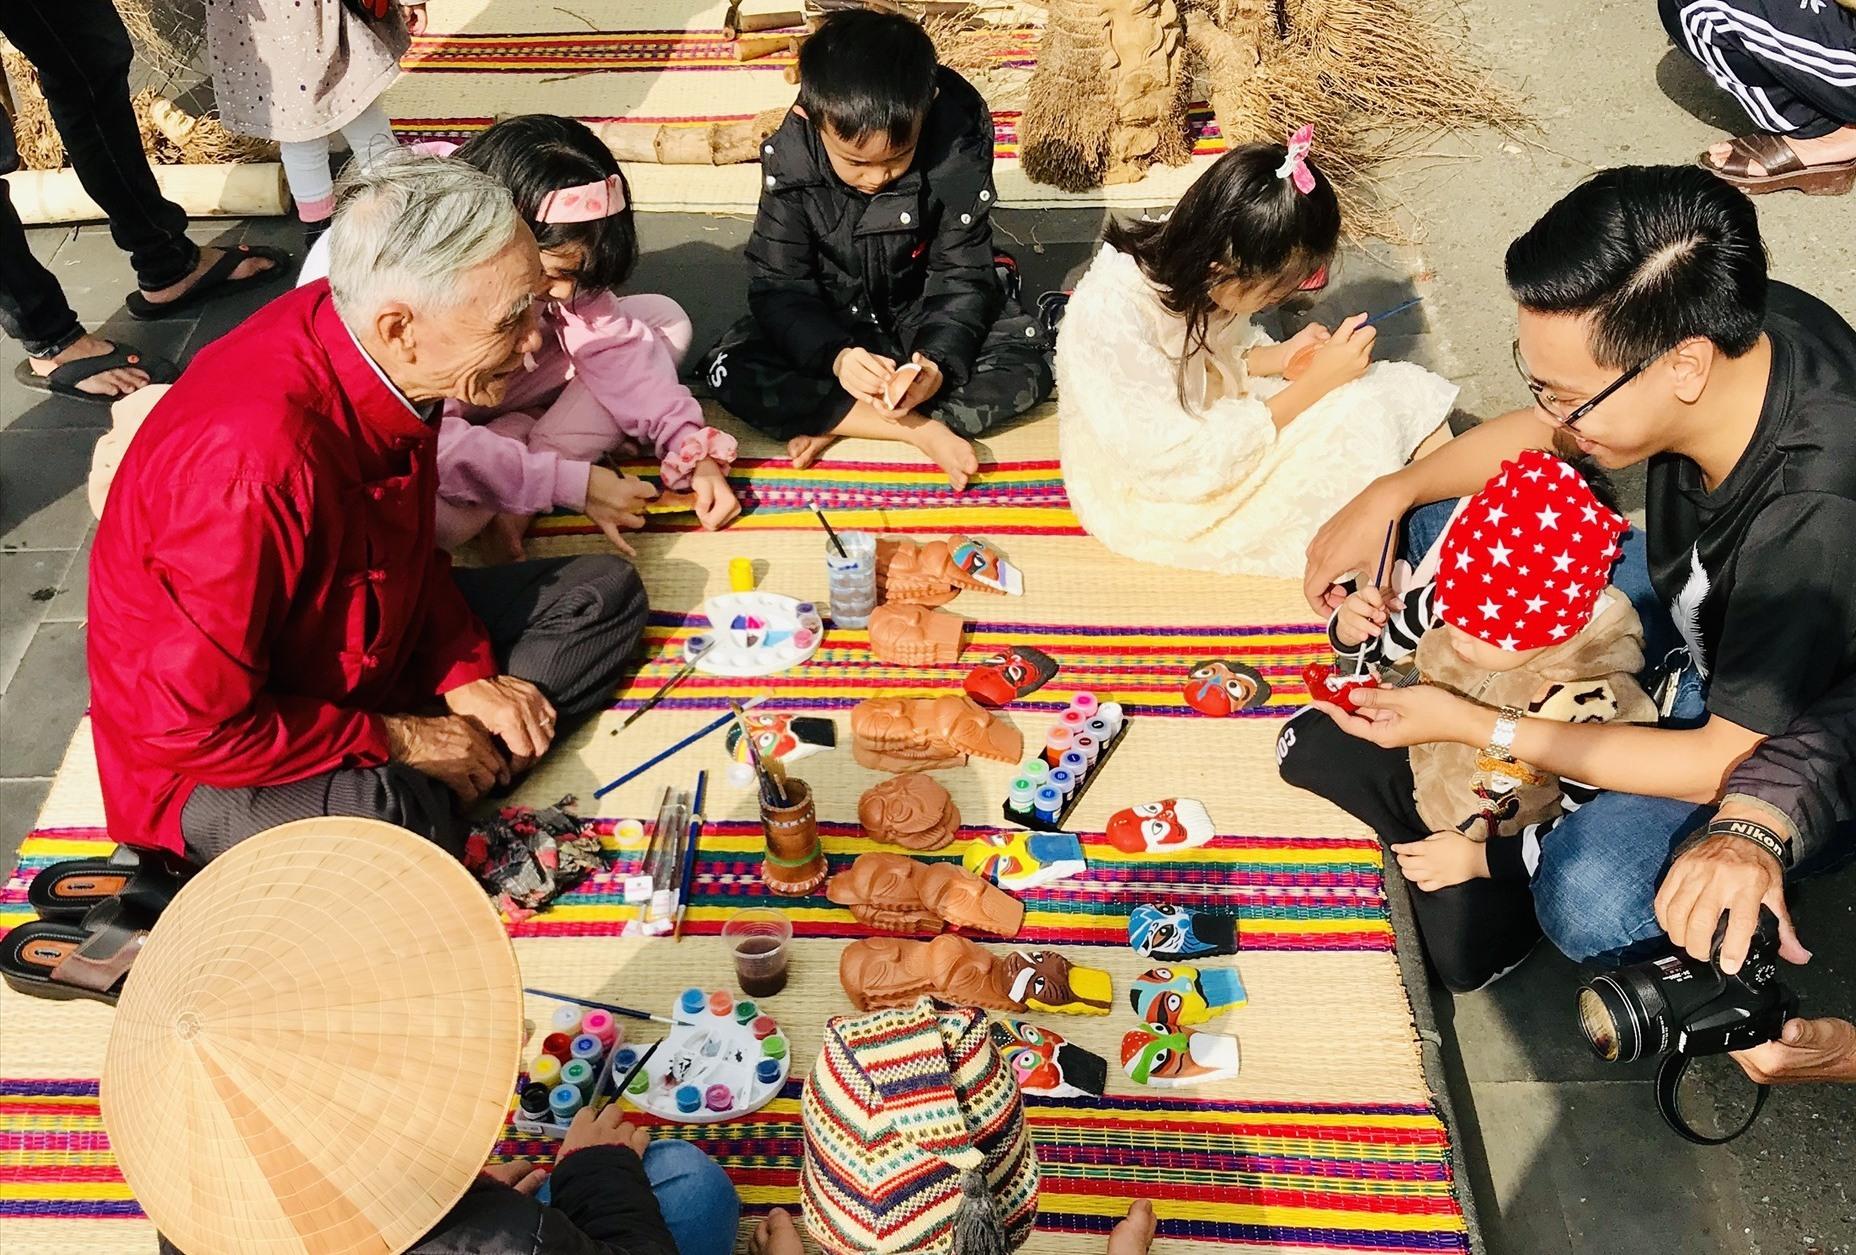 Chiến lược phát triển văn hóa Việt Nam đến năm 2030 đặt mục tiêu từng bước xây dựng văn hóa thực sự trở thành nền tảng tinh thần vững chắc của xã hội, sức mạnh nội sinh quan trọng để đảm bảo sự phát triển bền vững. Ảnh: Q.T